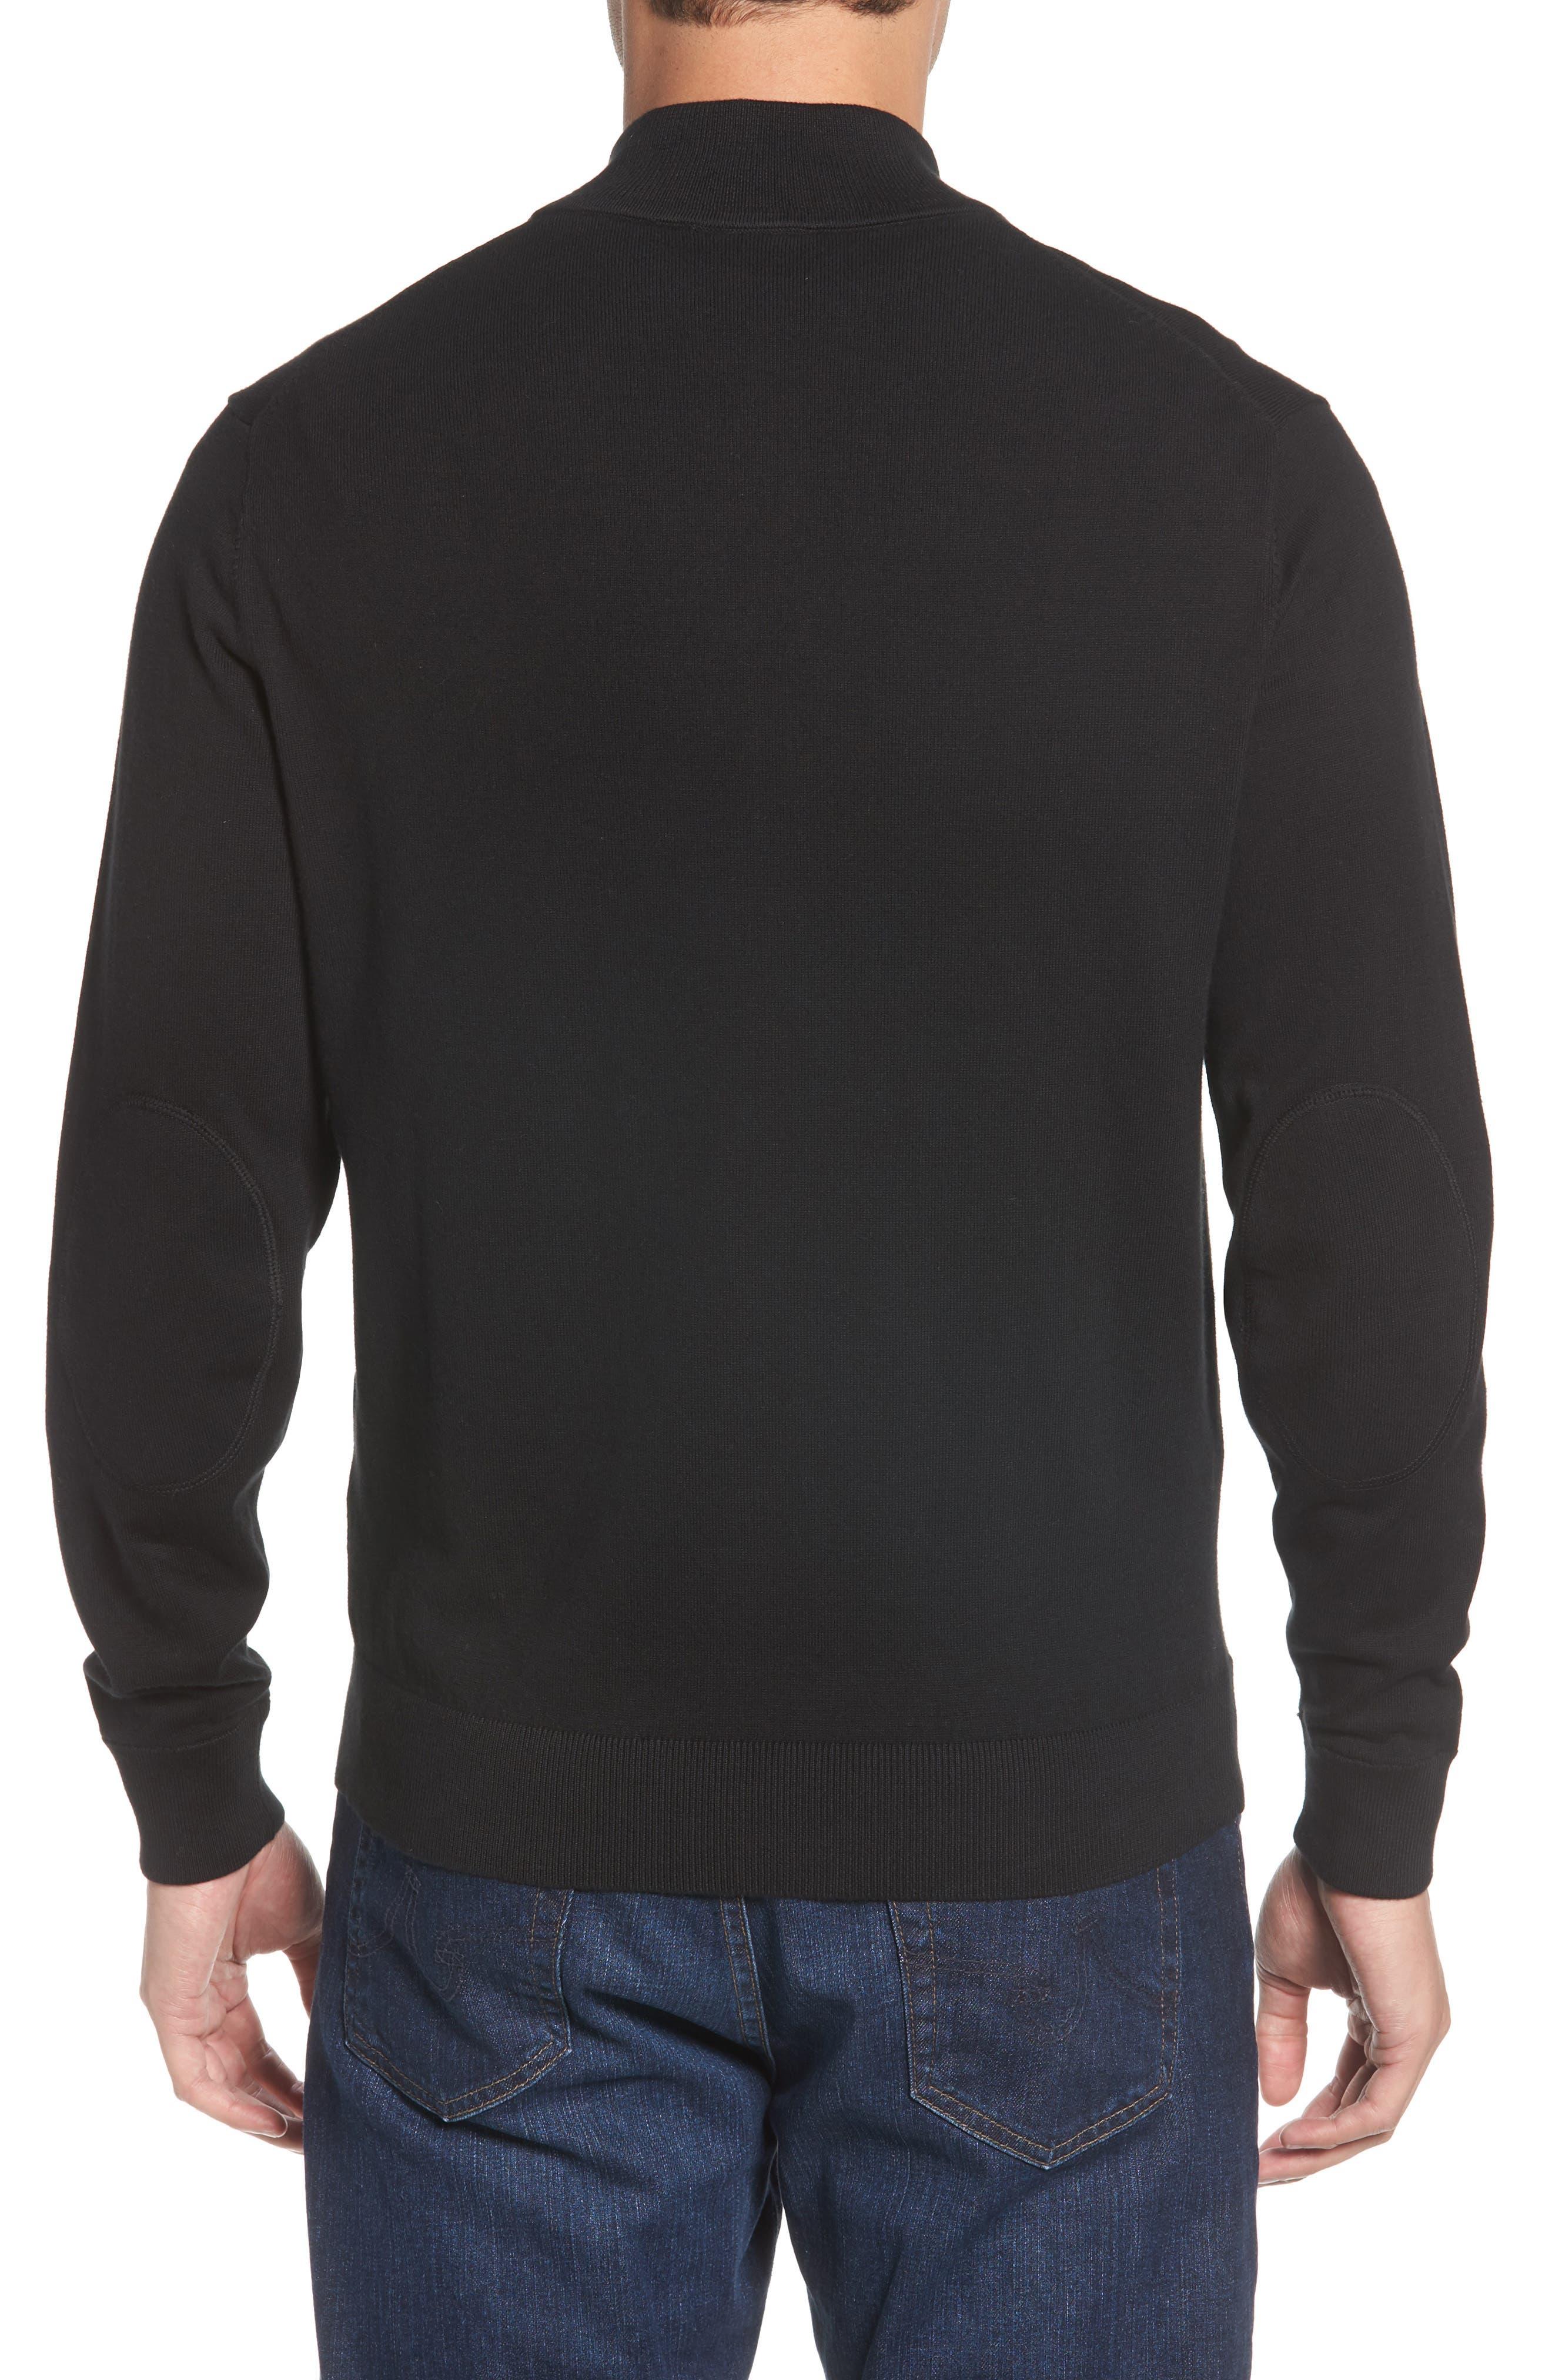 Chicago Bears - Lakemont Regular Fit Quarter Zip Sweater,                             Alternate thumbnail 2, color,                             BLACK